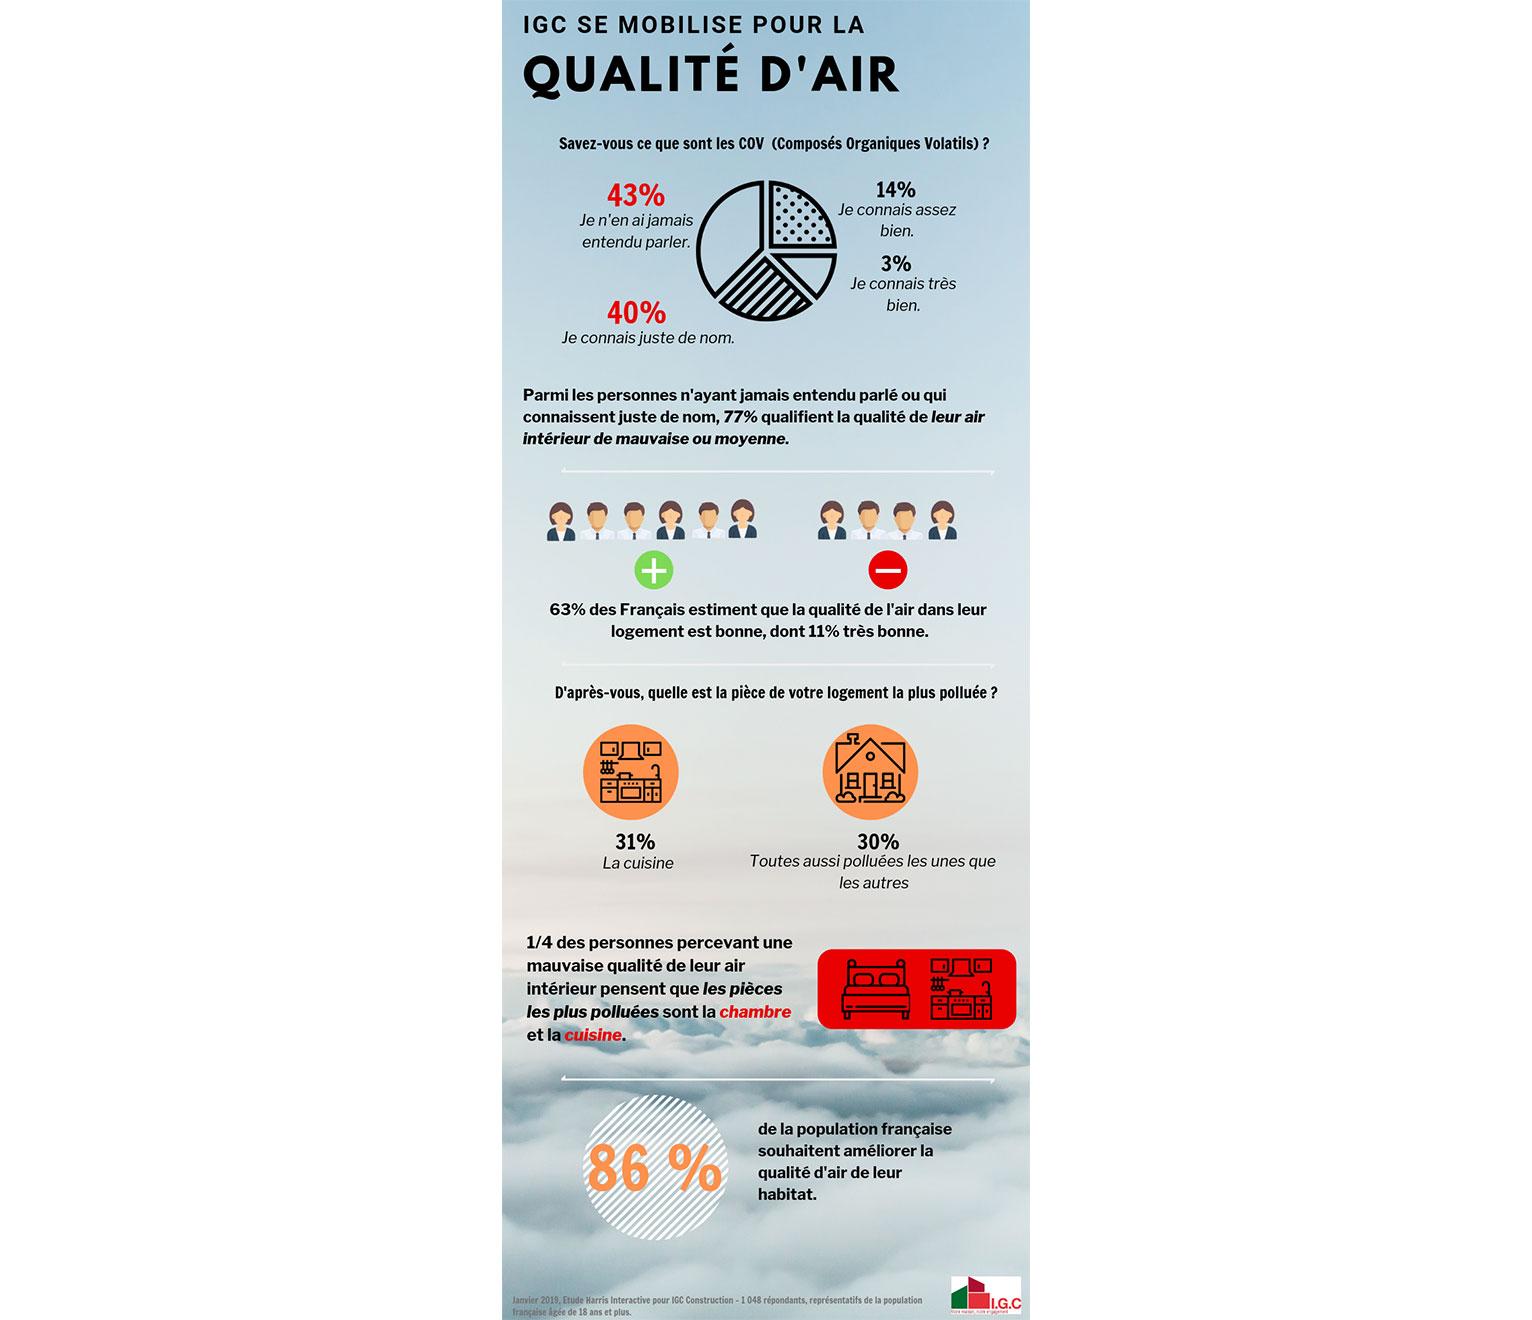 infographie qualité de l'air dans les maisons IGC